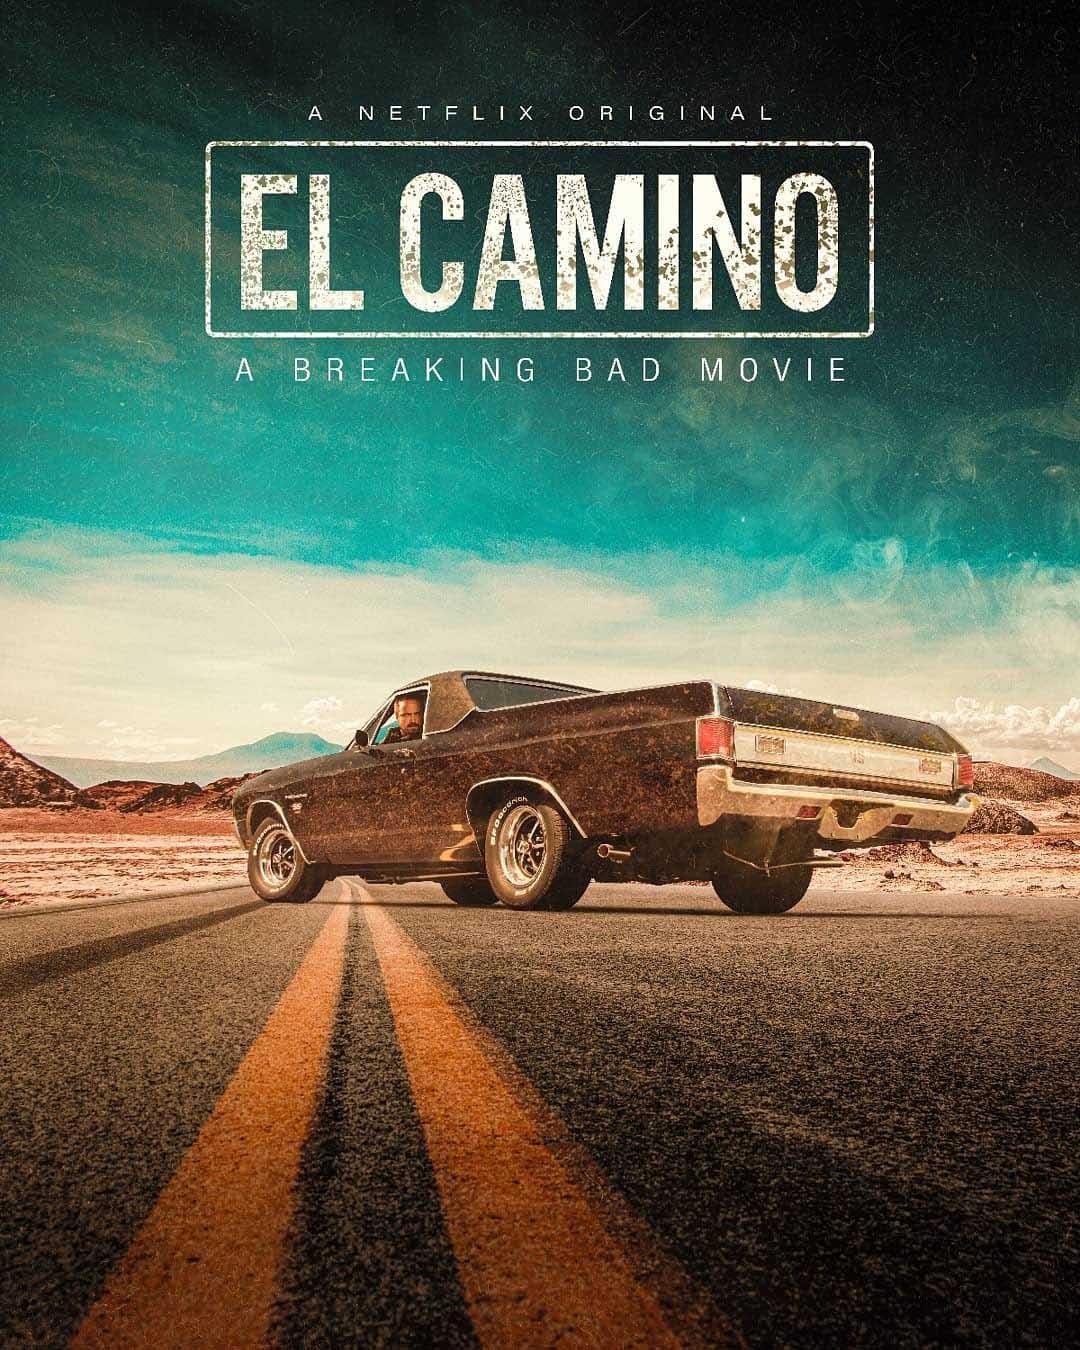 دانلود فیلم El Camino A Breaking Bad Movie 2019 - ال کامینو فیلم برکینگ بد